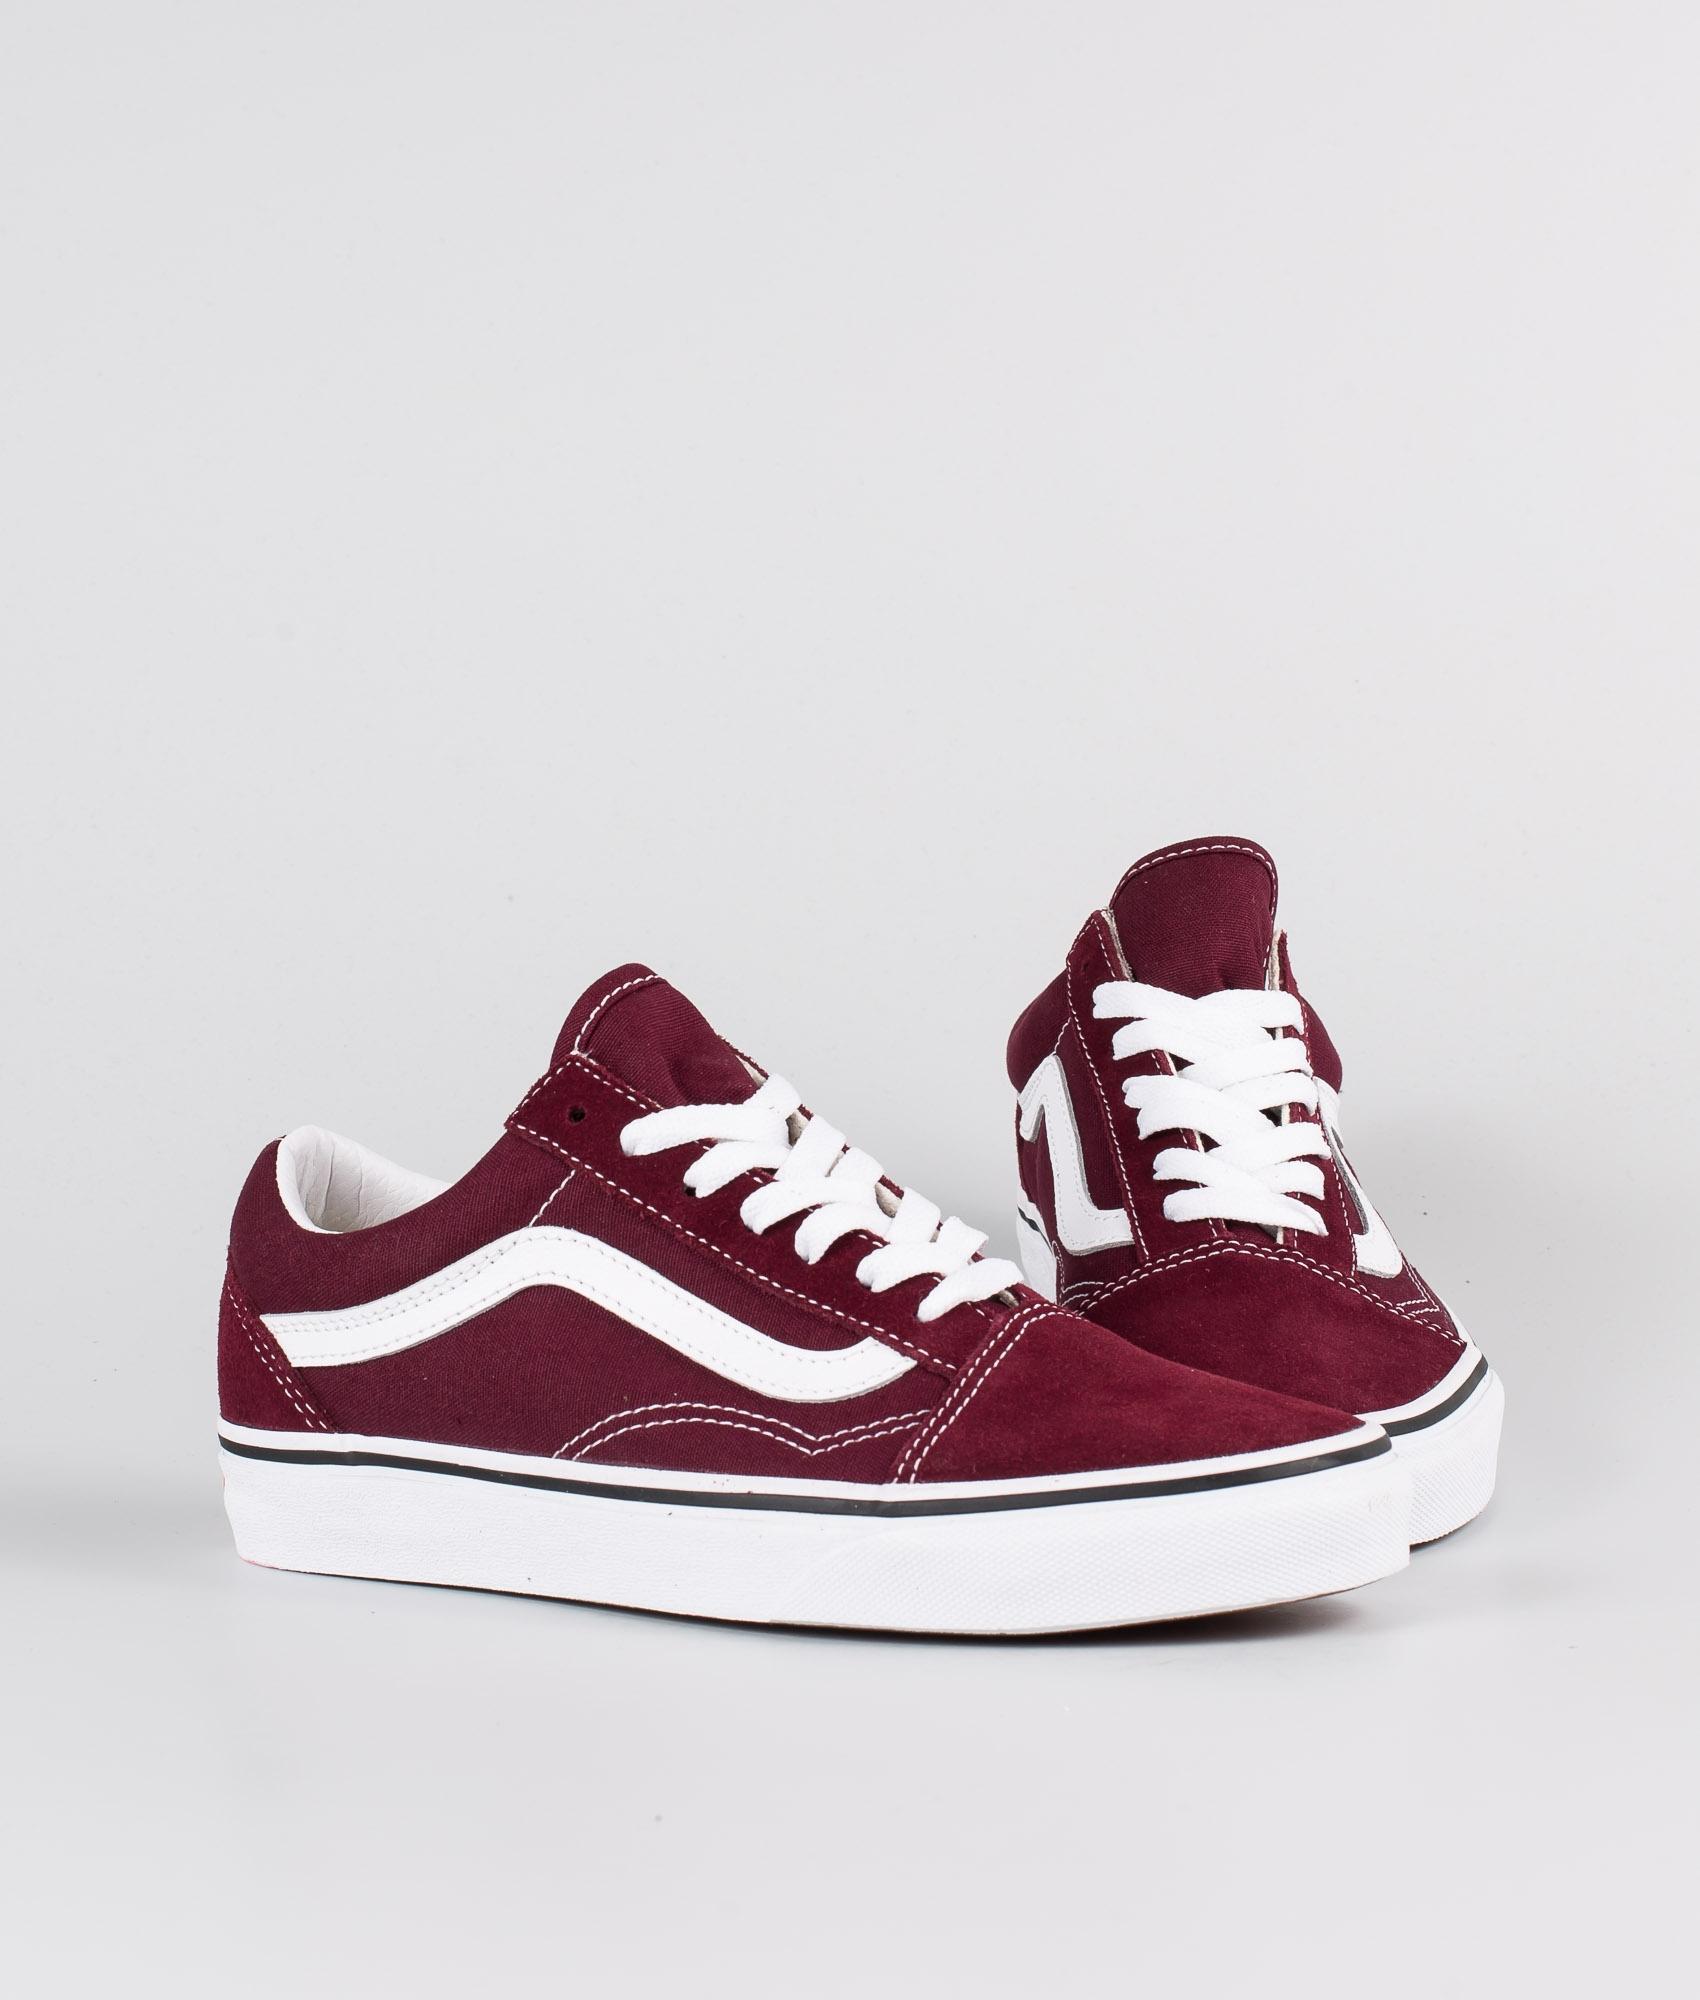 Vans Old Skool Shoes Port Royale/True